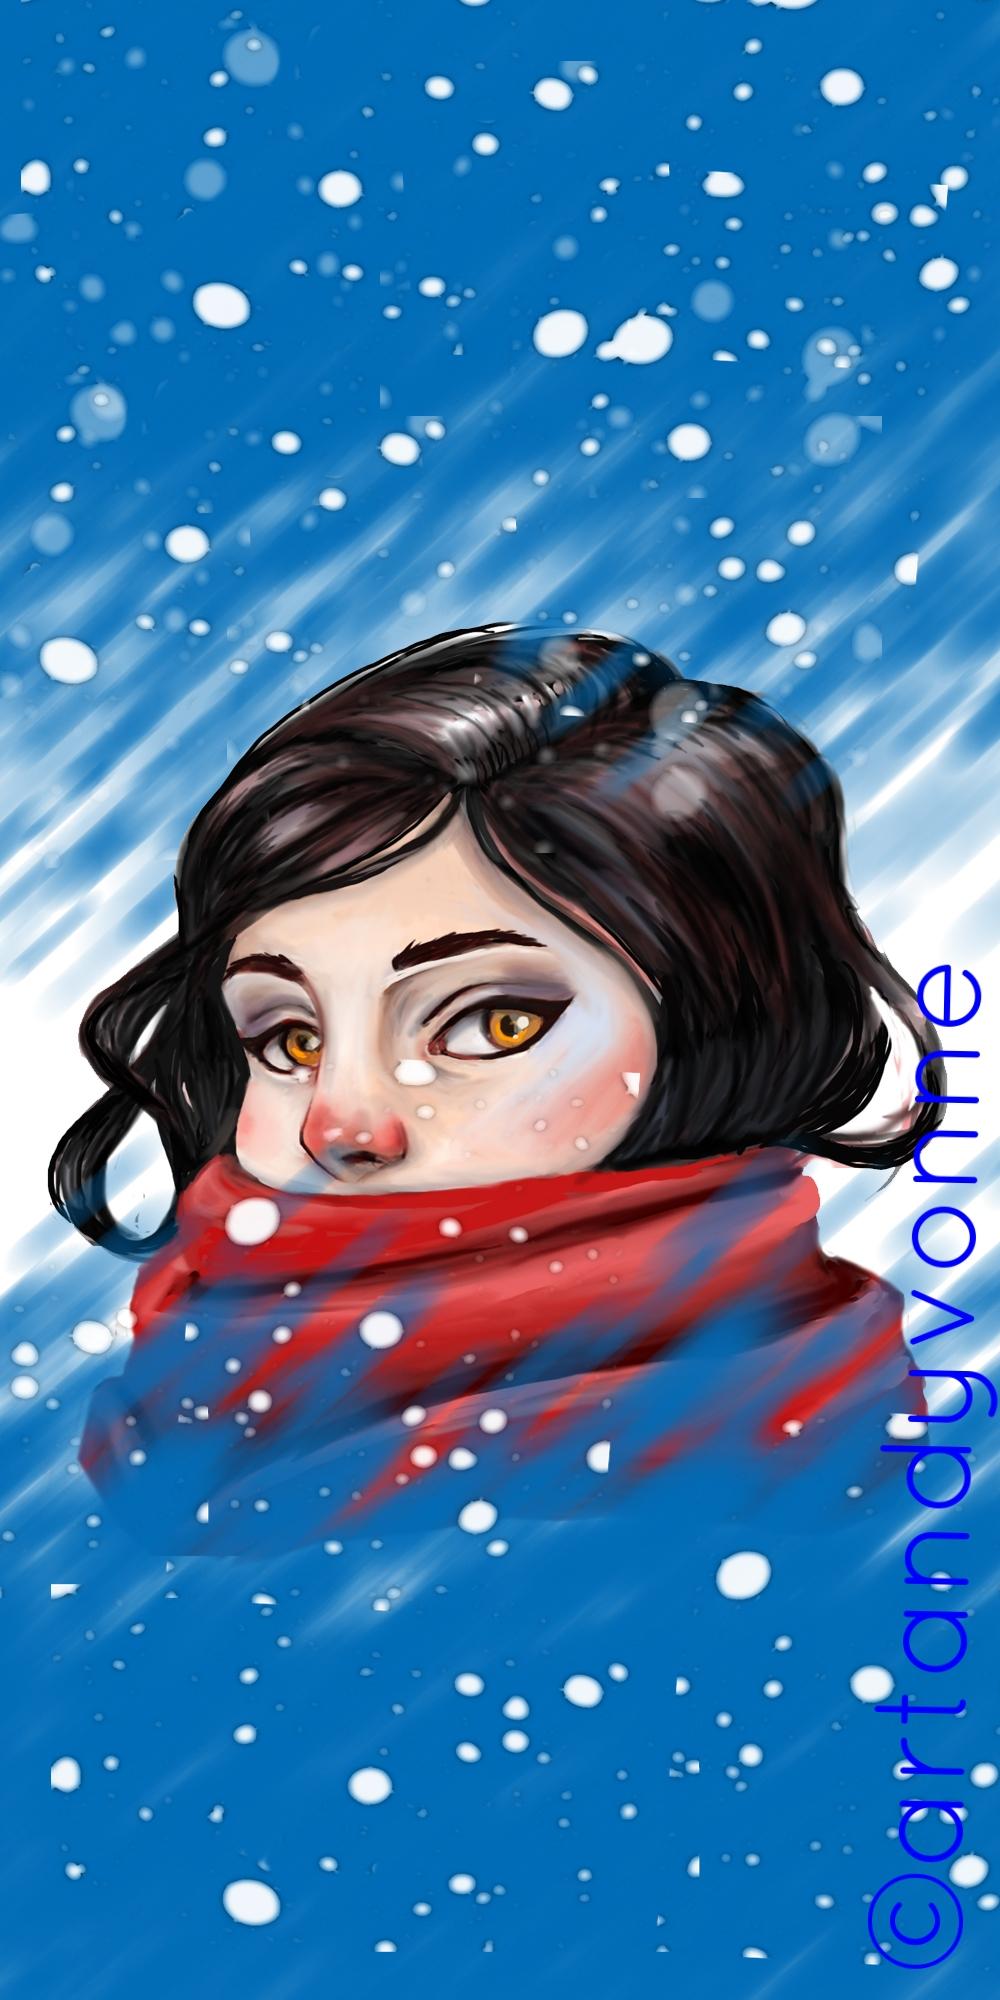 frostbite_byYvonneHo.jpg